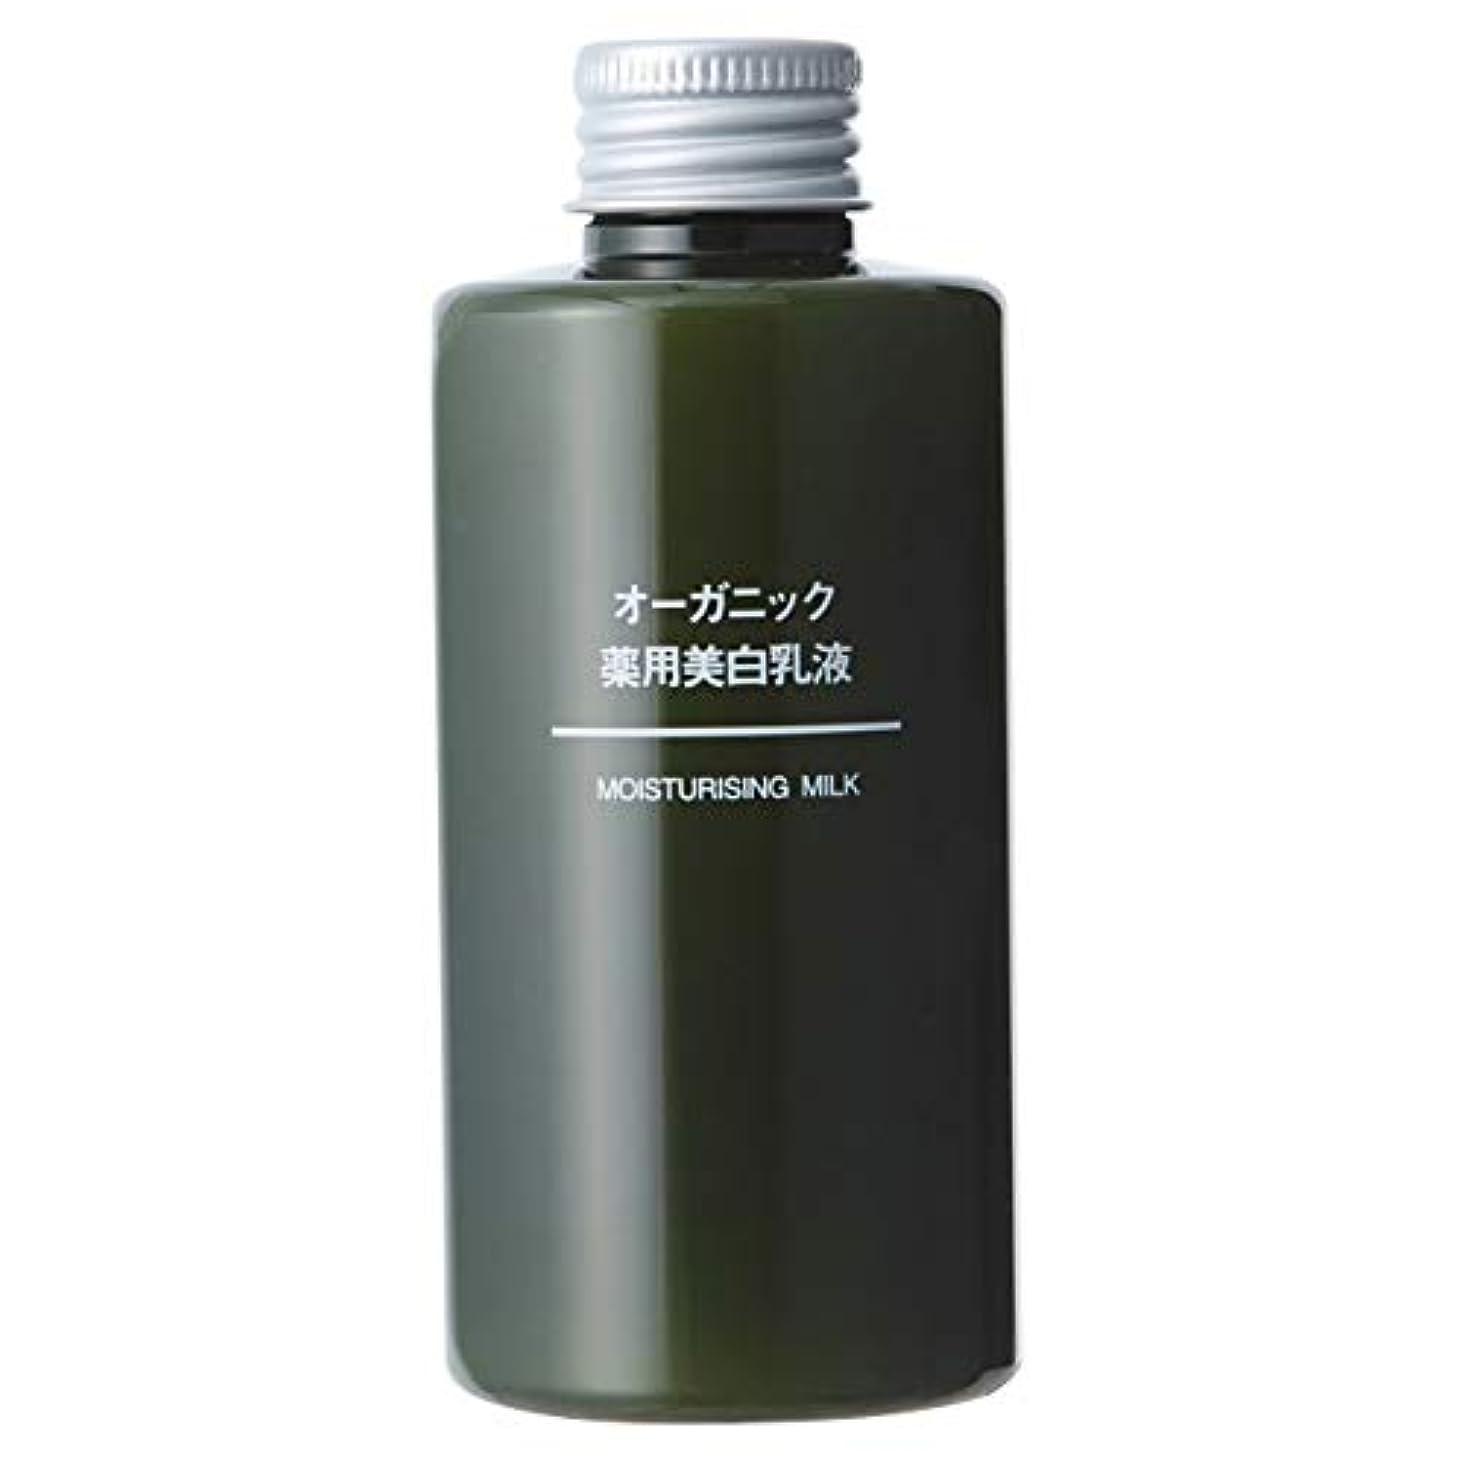 元に戻すとげのあるとして無印良品 オーガニック薬用美白乳液 (新)150ml